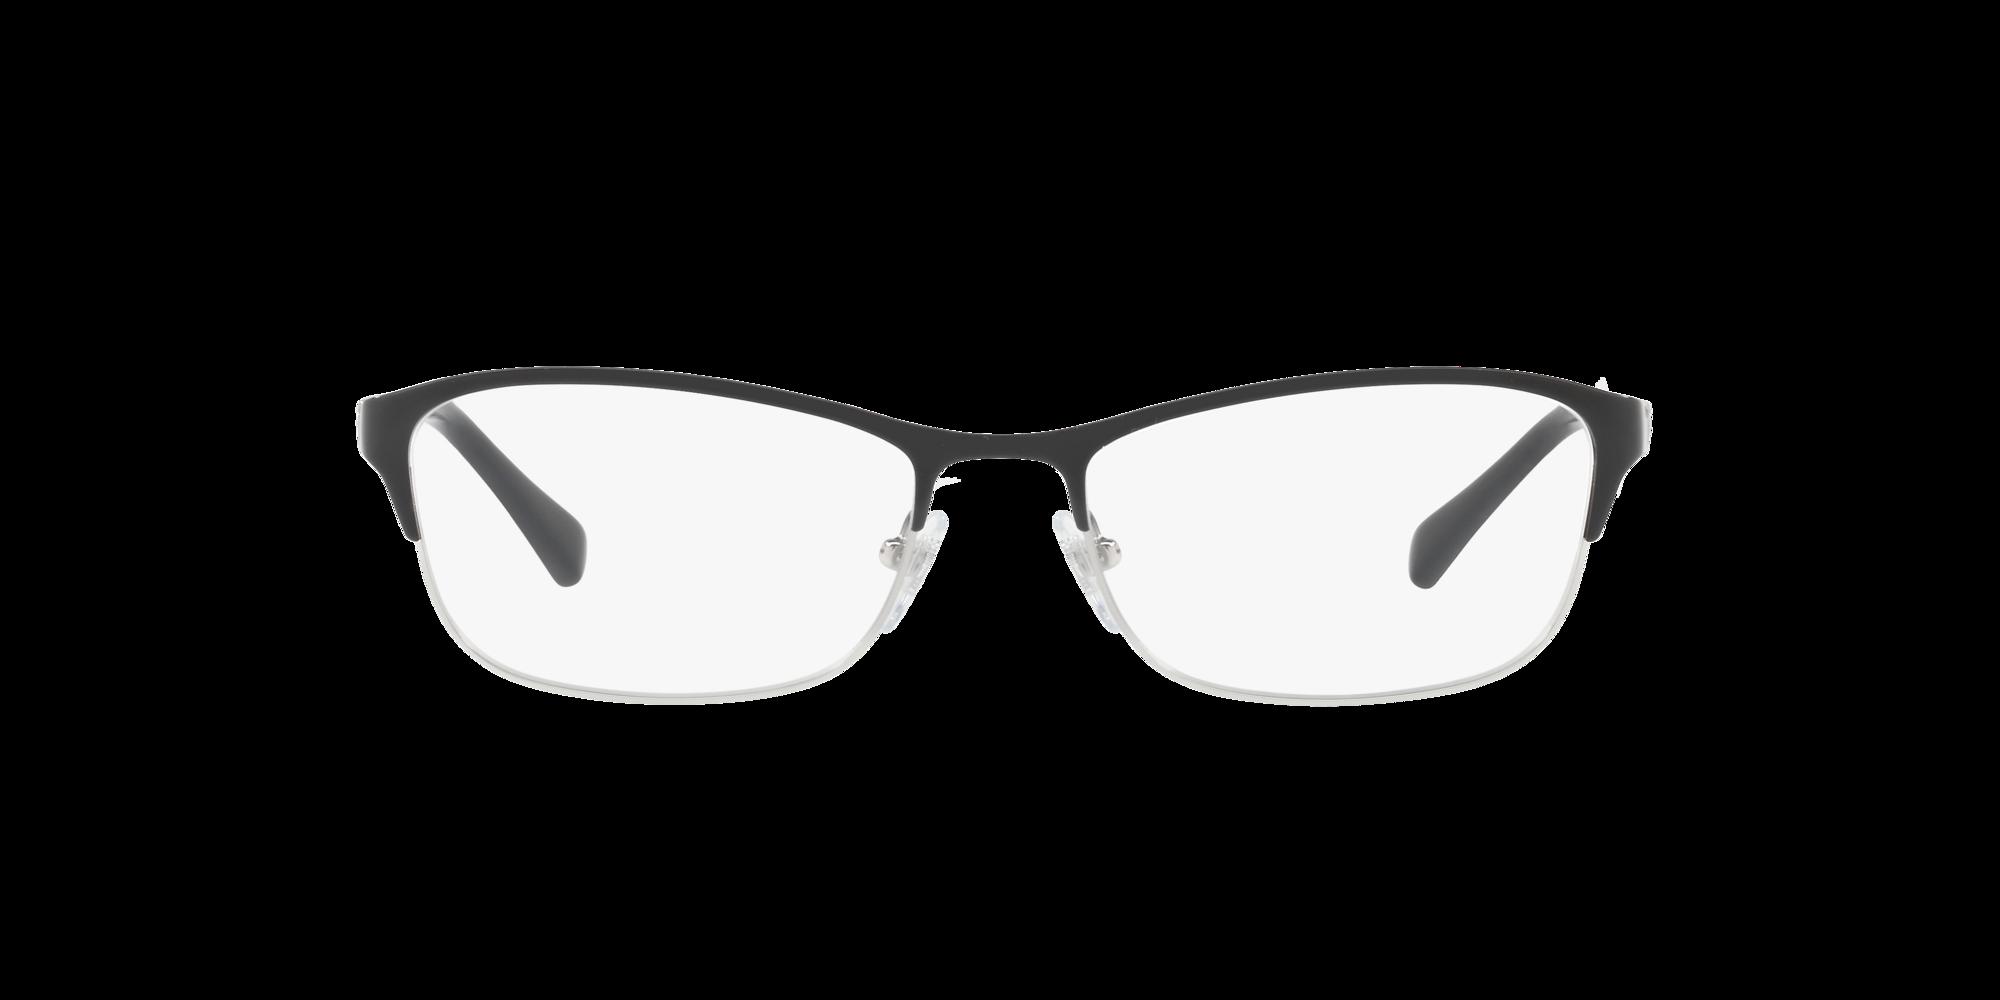 Imagen para VO4057B de LensCrafters |  Espejuelos, espejuelos graduados en línea, gafas